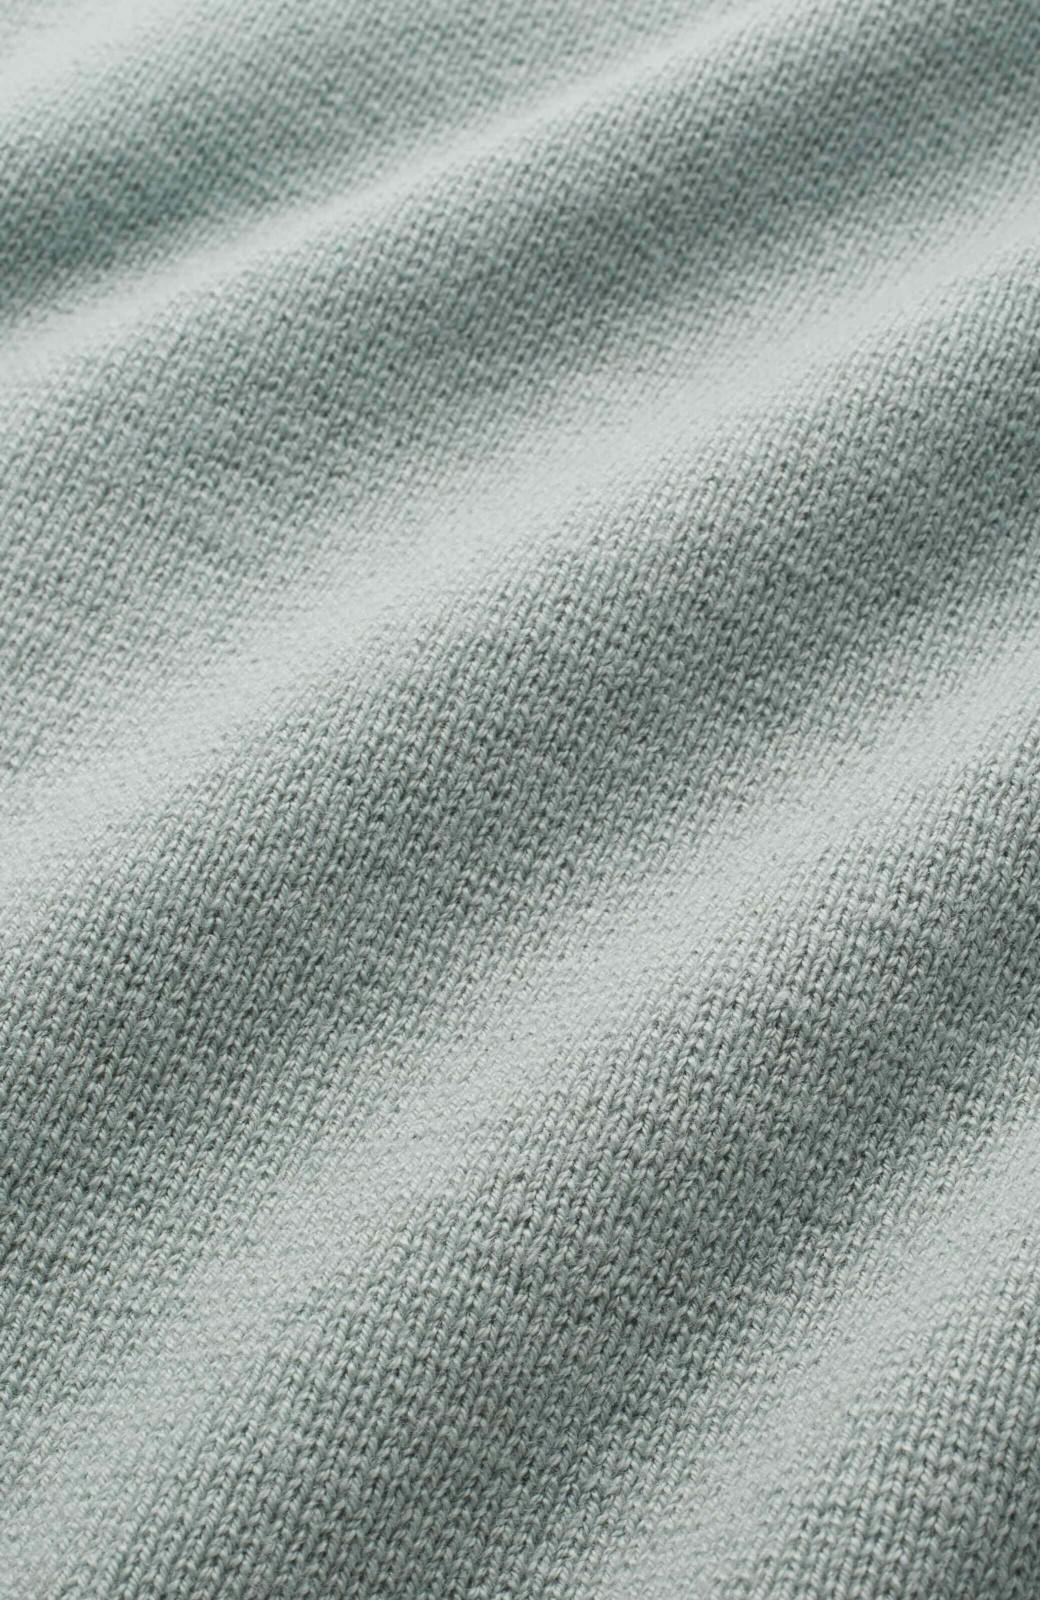 エムトロワ パッと着るだけでいい感じになれる きちんと見えて長い季節使えるミラノリブニット <ミント>の商品写真2